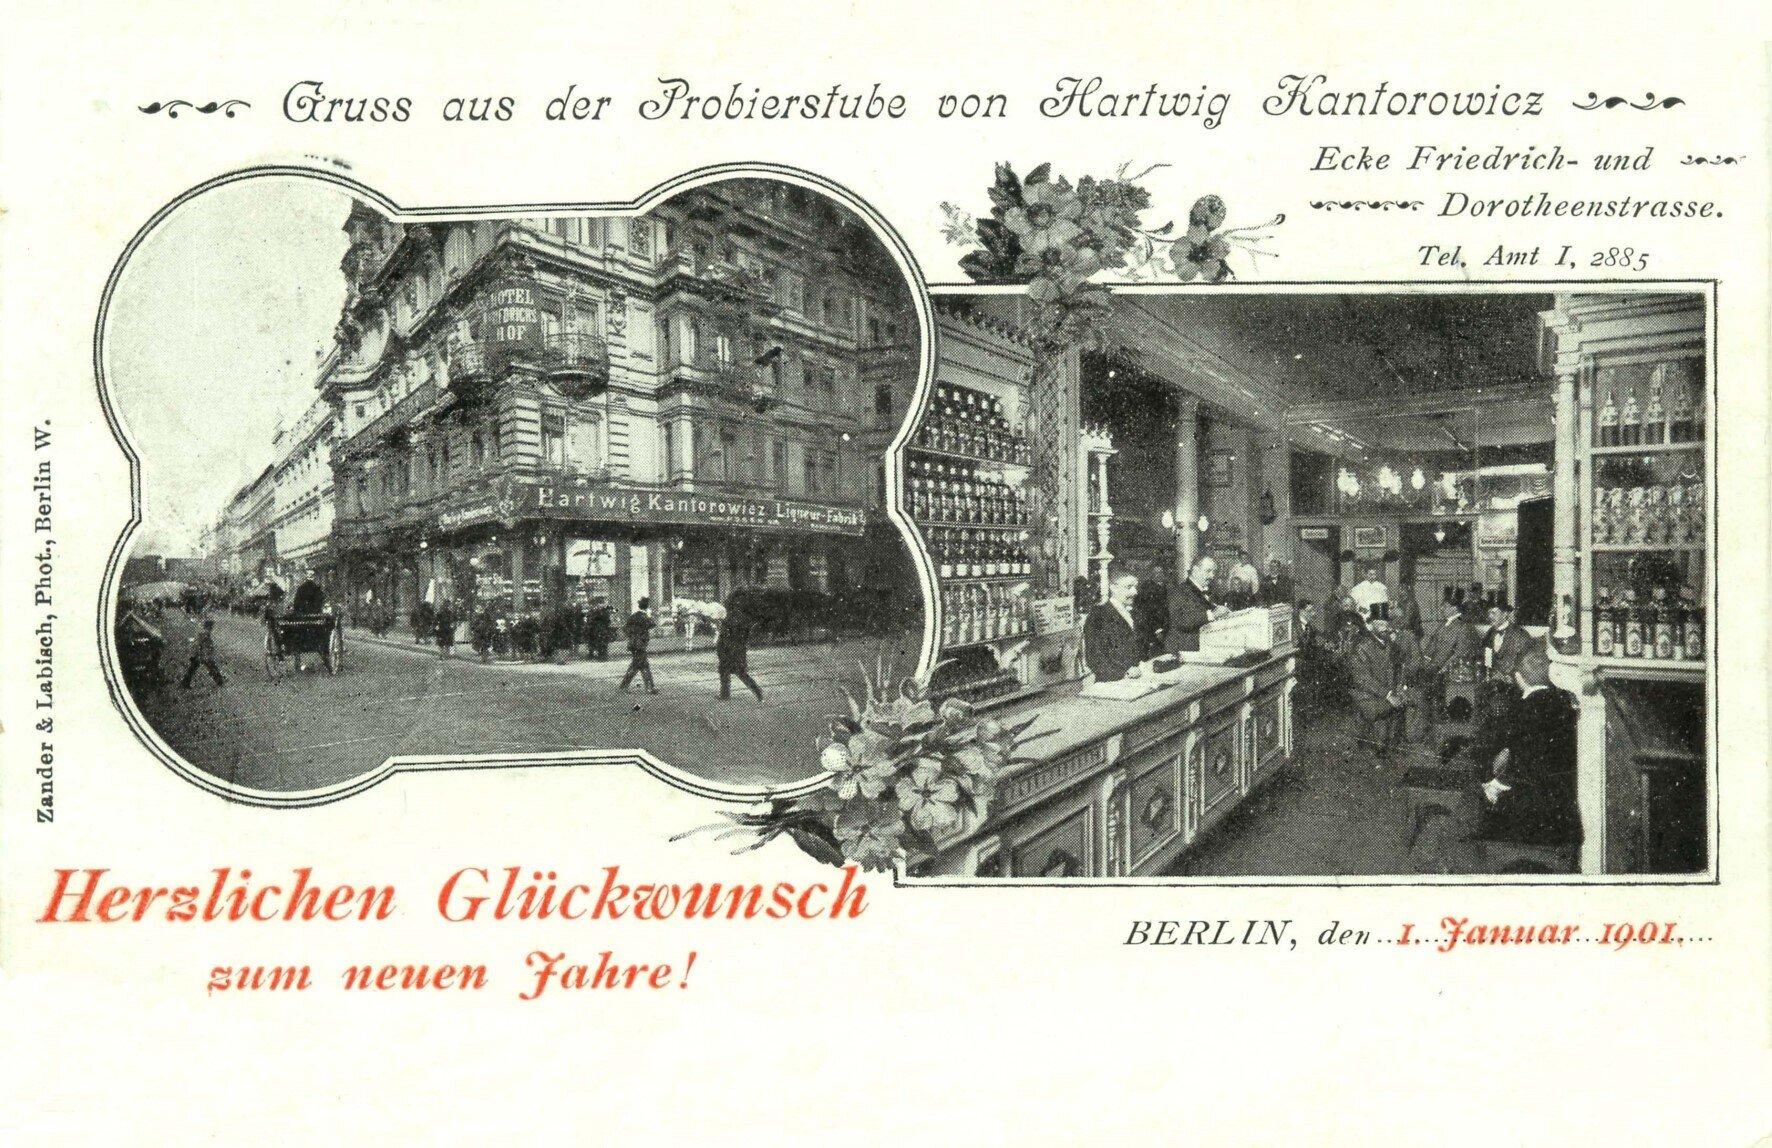 Hartwig Kantorowicz, Friedrichstraße 93, ©Stephan Becker, Brüssow